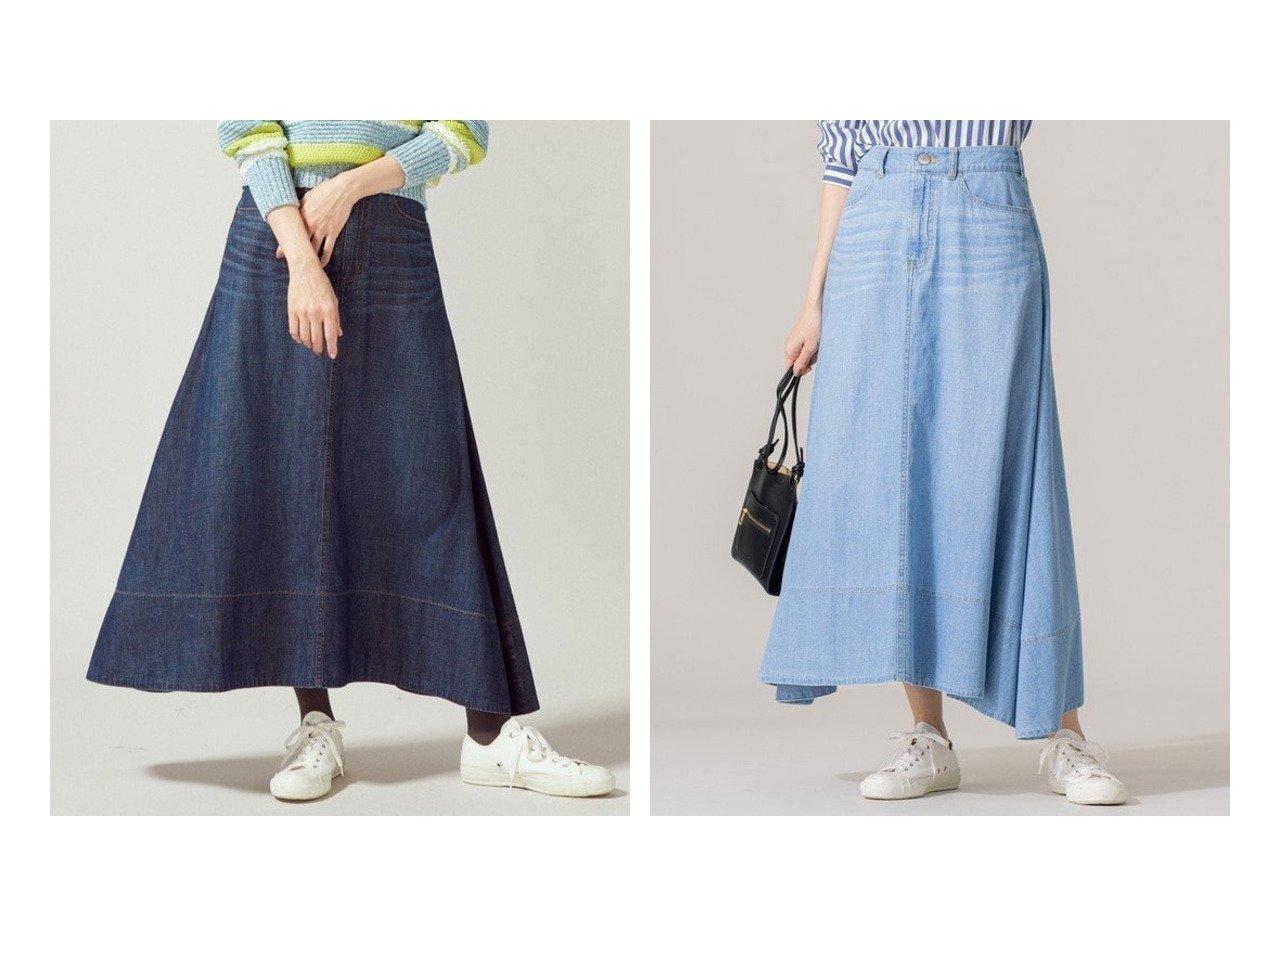 【KUMIKYOKU/組曲】のライトオンス デニム マキシ デニムスカート 組曲のおすすめ!人気、トレンド・レディースファッションの通販 おすすめで人気の流行・トレンド、ファッションの通販商品 メンズファッション・キッズファッション・インテリア・家具・レディースファッション・服の通販 founy(ファニー) https://founy.com/ ファッション Fashion レディースファッション WOMEN スカート Skirt デニムスカート Denim Skirts 春 Spring コンパクト タイツ デニム ドレープ フレア マキシ ロング 2021年 2021 S/S 春夏 SS Spring/Summer 2021 春夏 S/S SS Spring/Summer 2021 送料無料 Free Shipping  ID:crp329100000020326